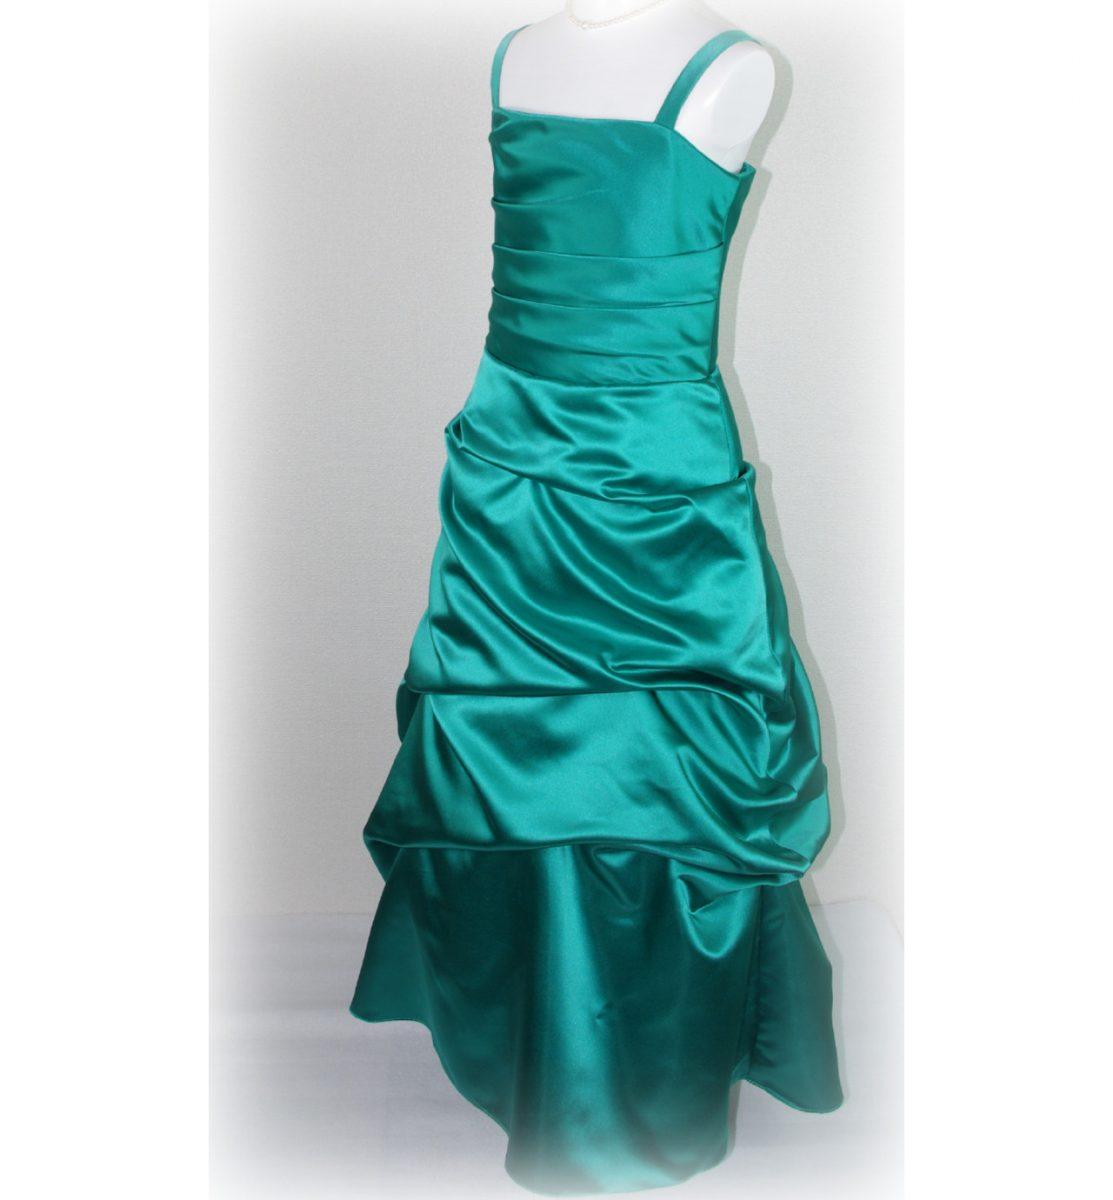 子供ドレス「ロイズ」エンプレス・グリーン J8003-1